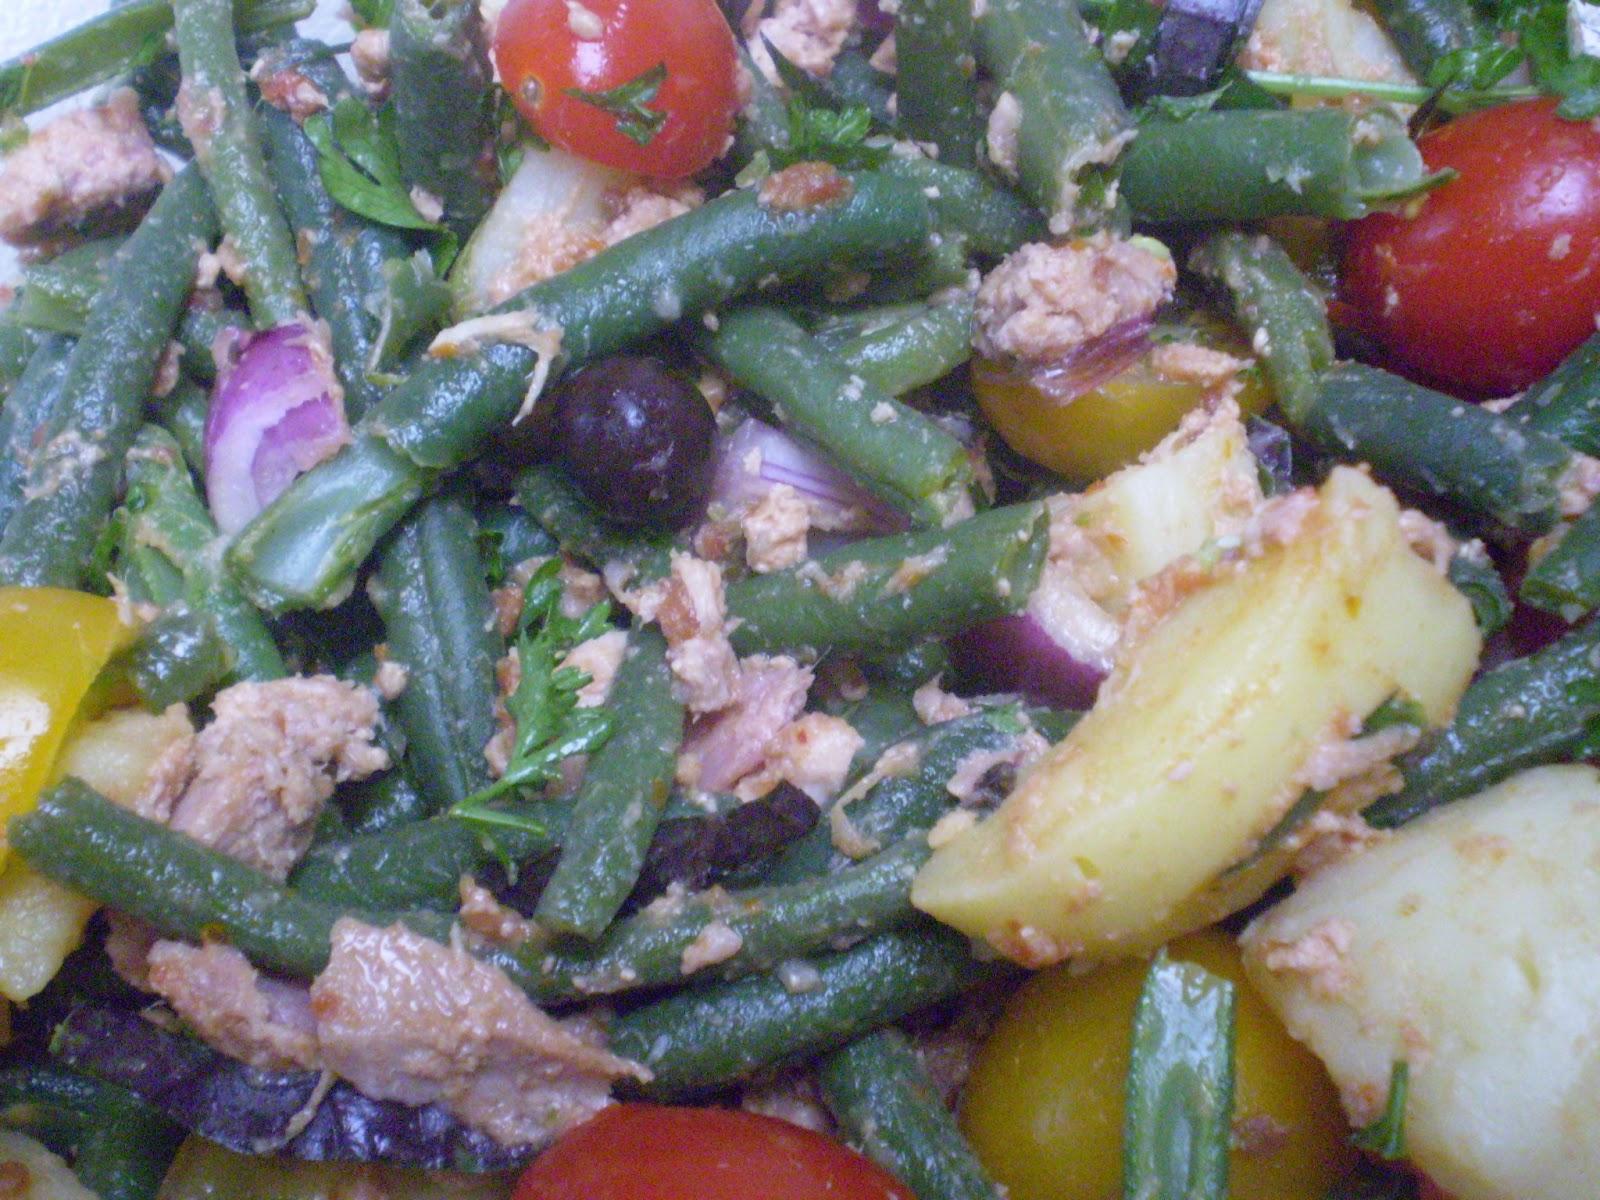 Salade de pomme de terre nouvelle au thon, haricots verts tomate et picholine, vinagrette à l'anchois et tomate